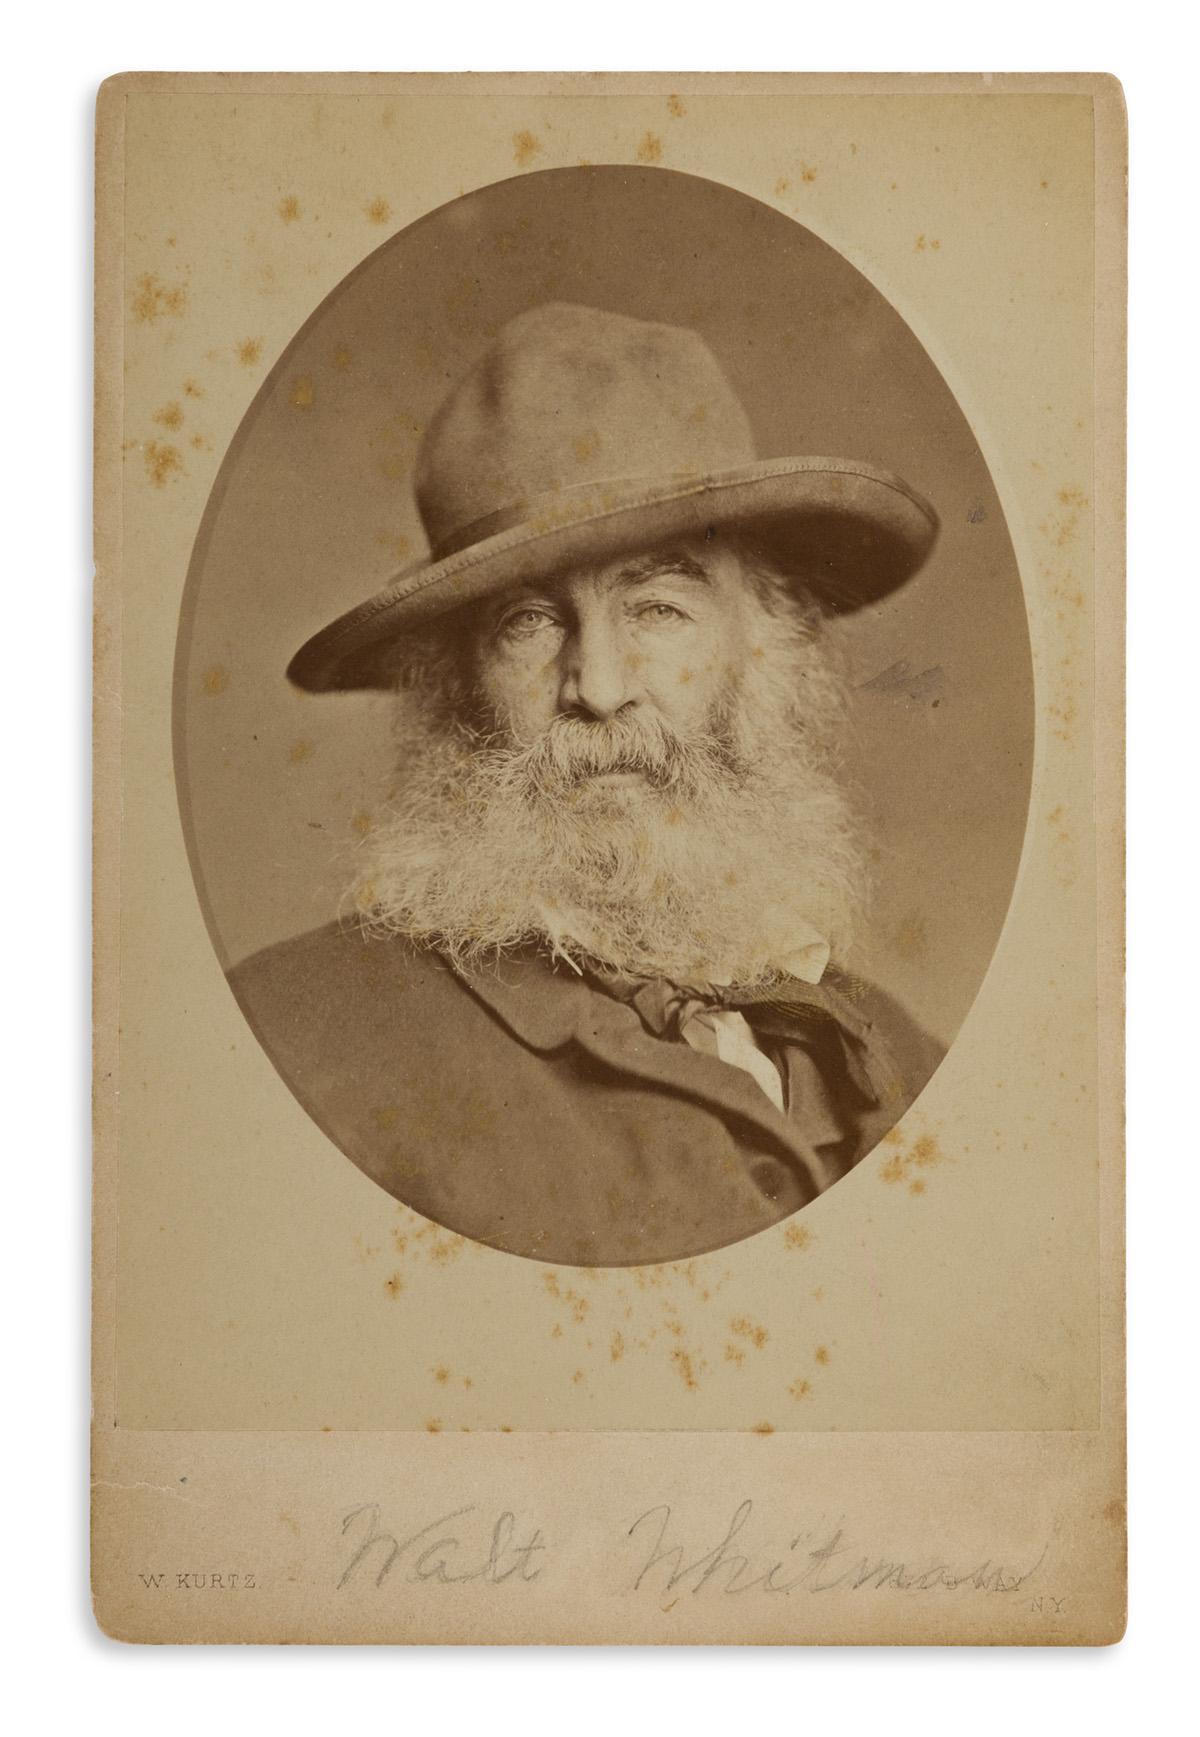 WILLIAM-KURTZ-(1833-1904)-Walt-Whitman